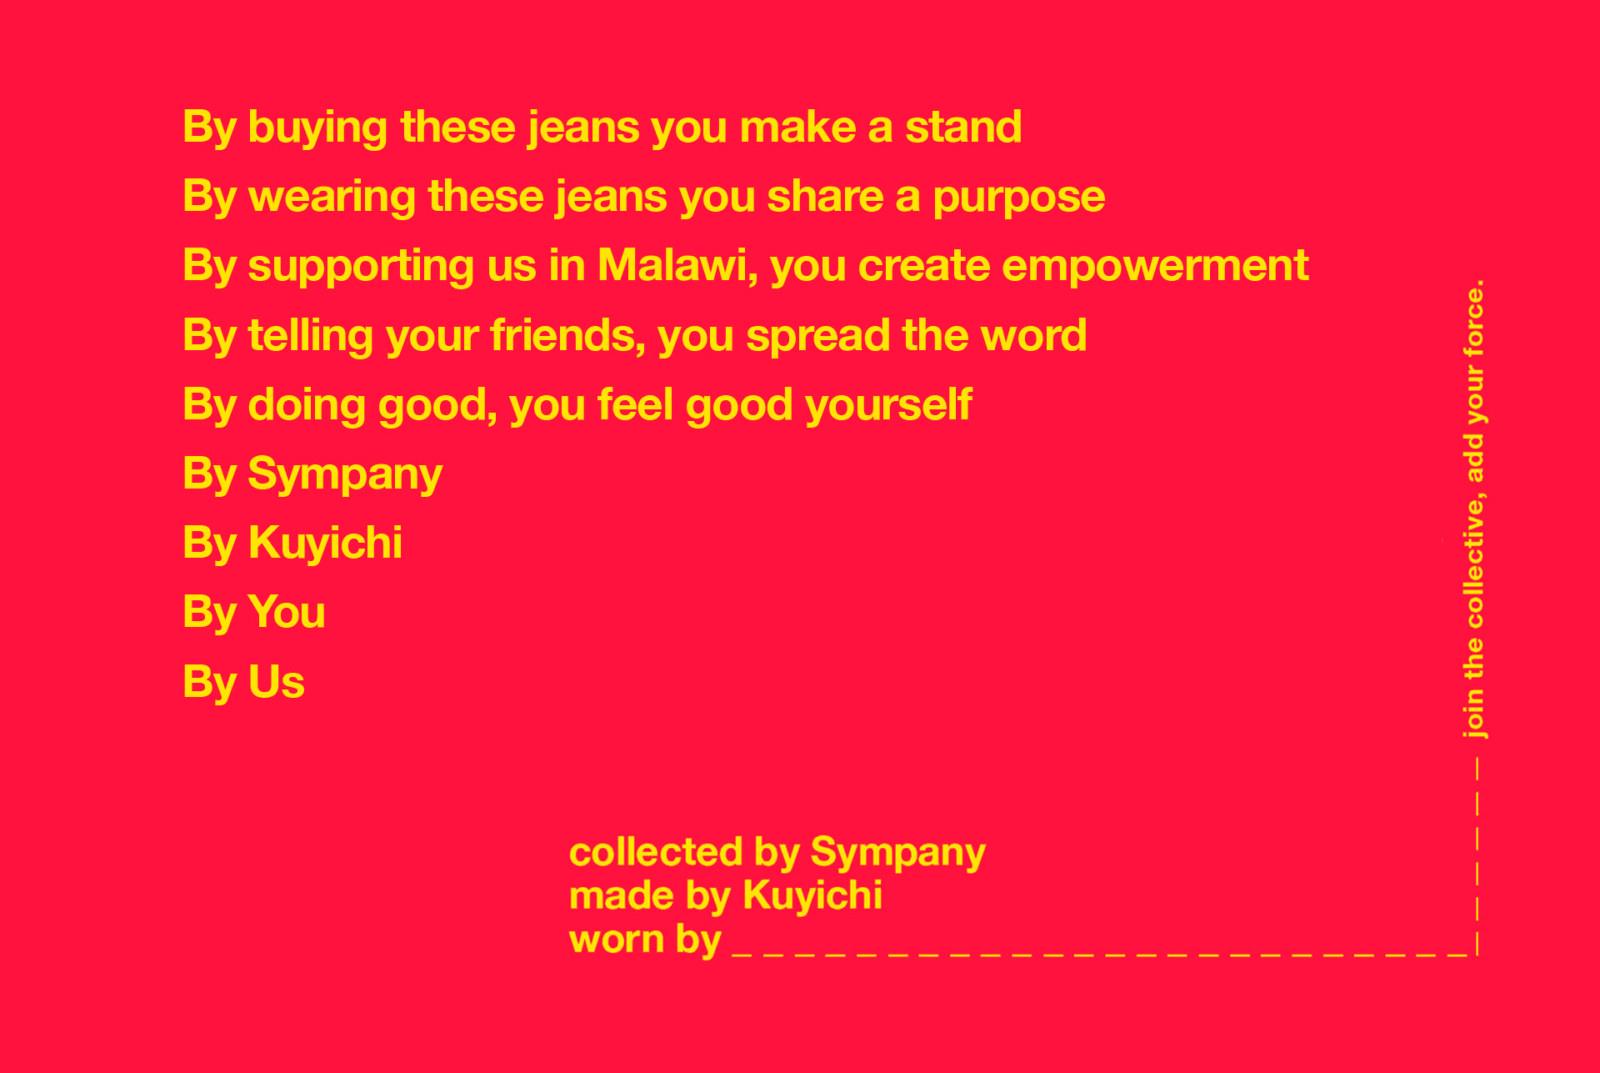 Kuyichi Sympany